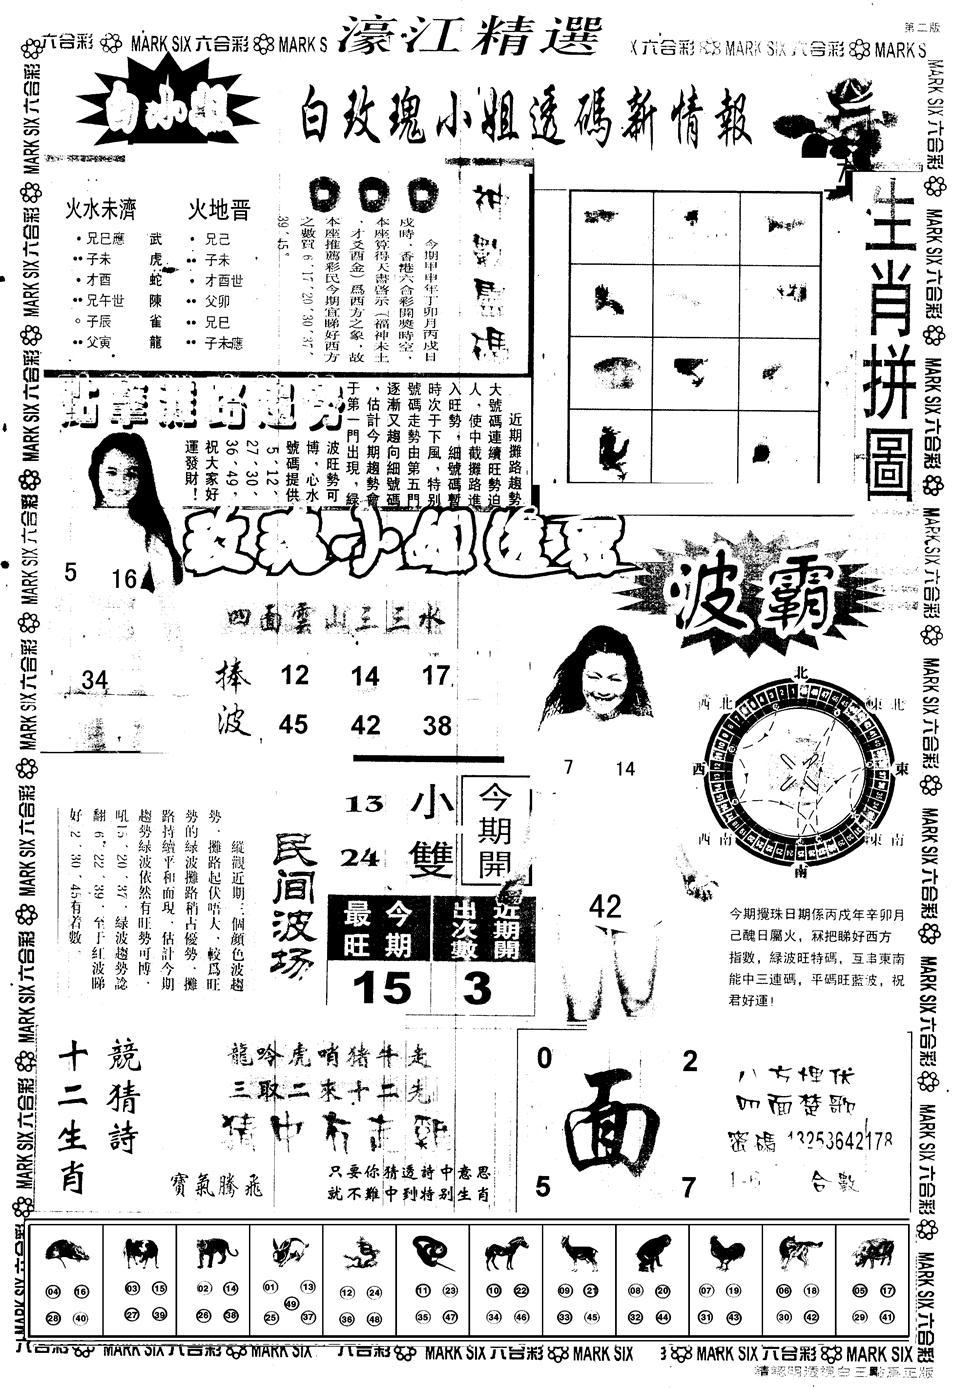 080期另版濠江精选B(黑白)